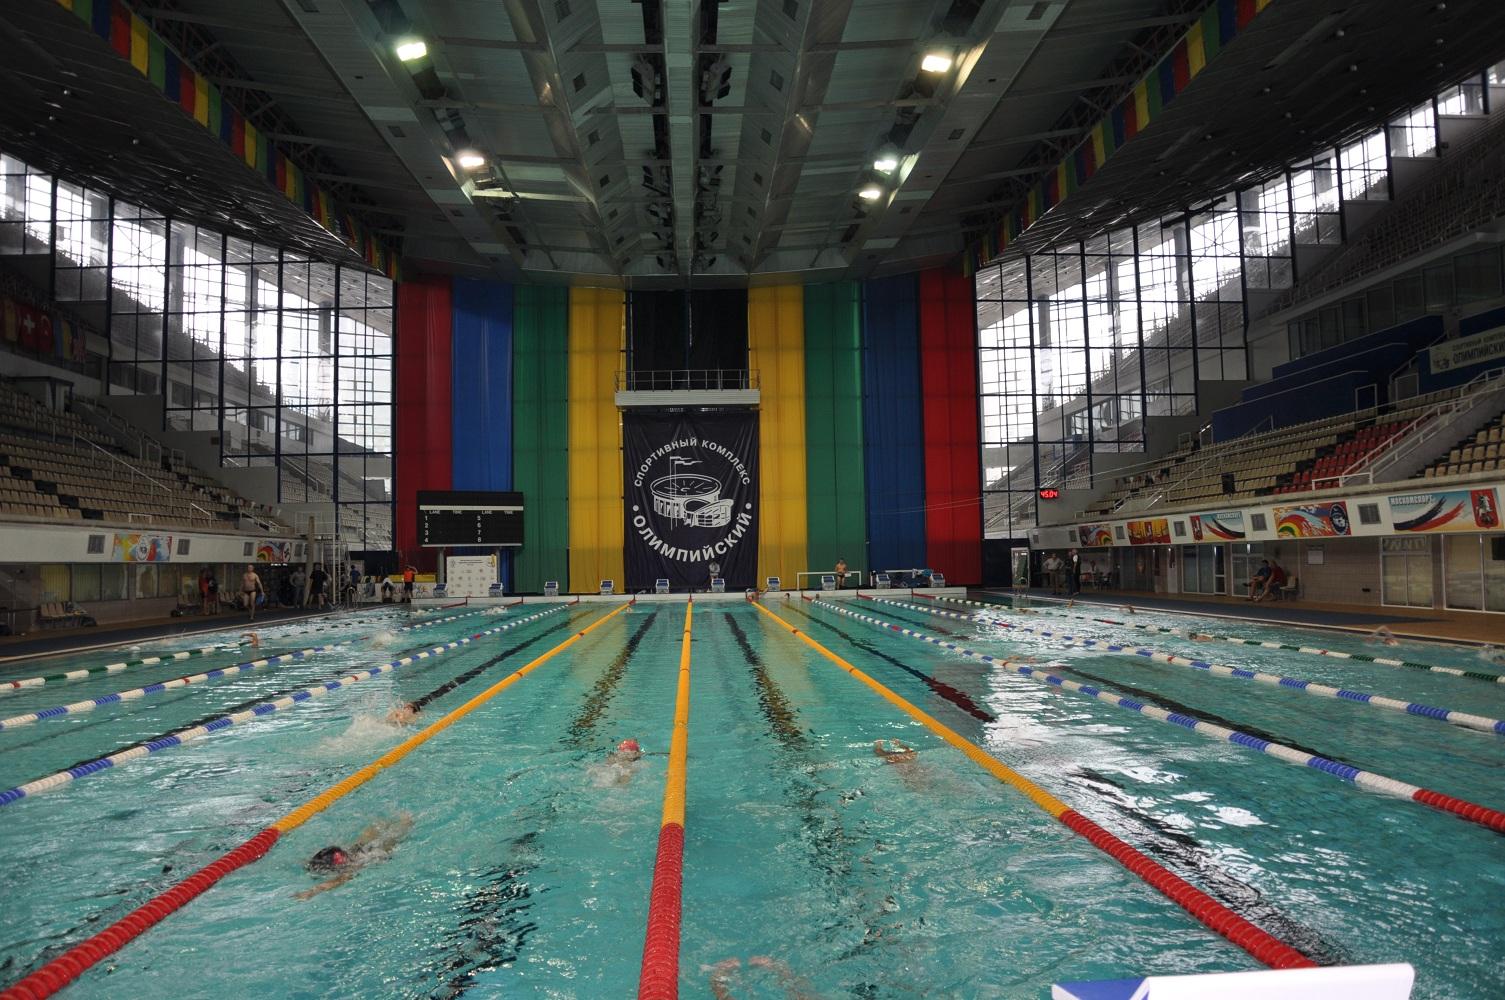 дизайн озеленяем фото бассейна олимпийский москва деньгам более менее